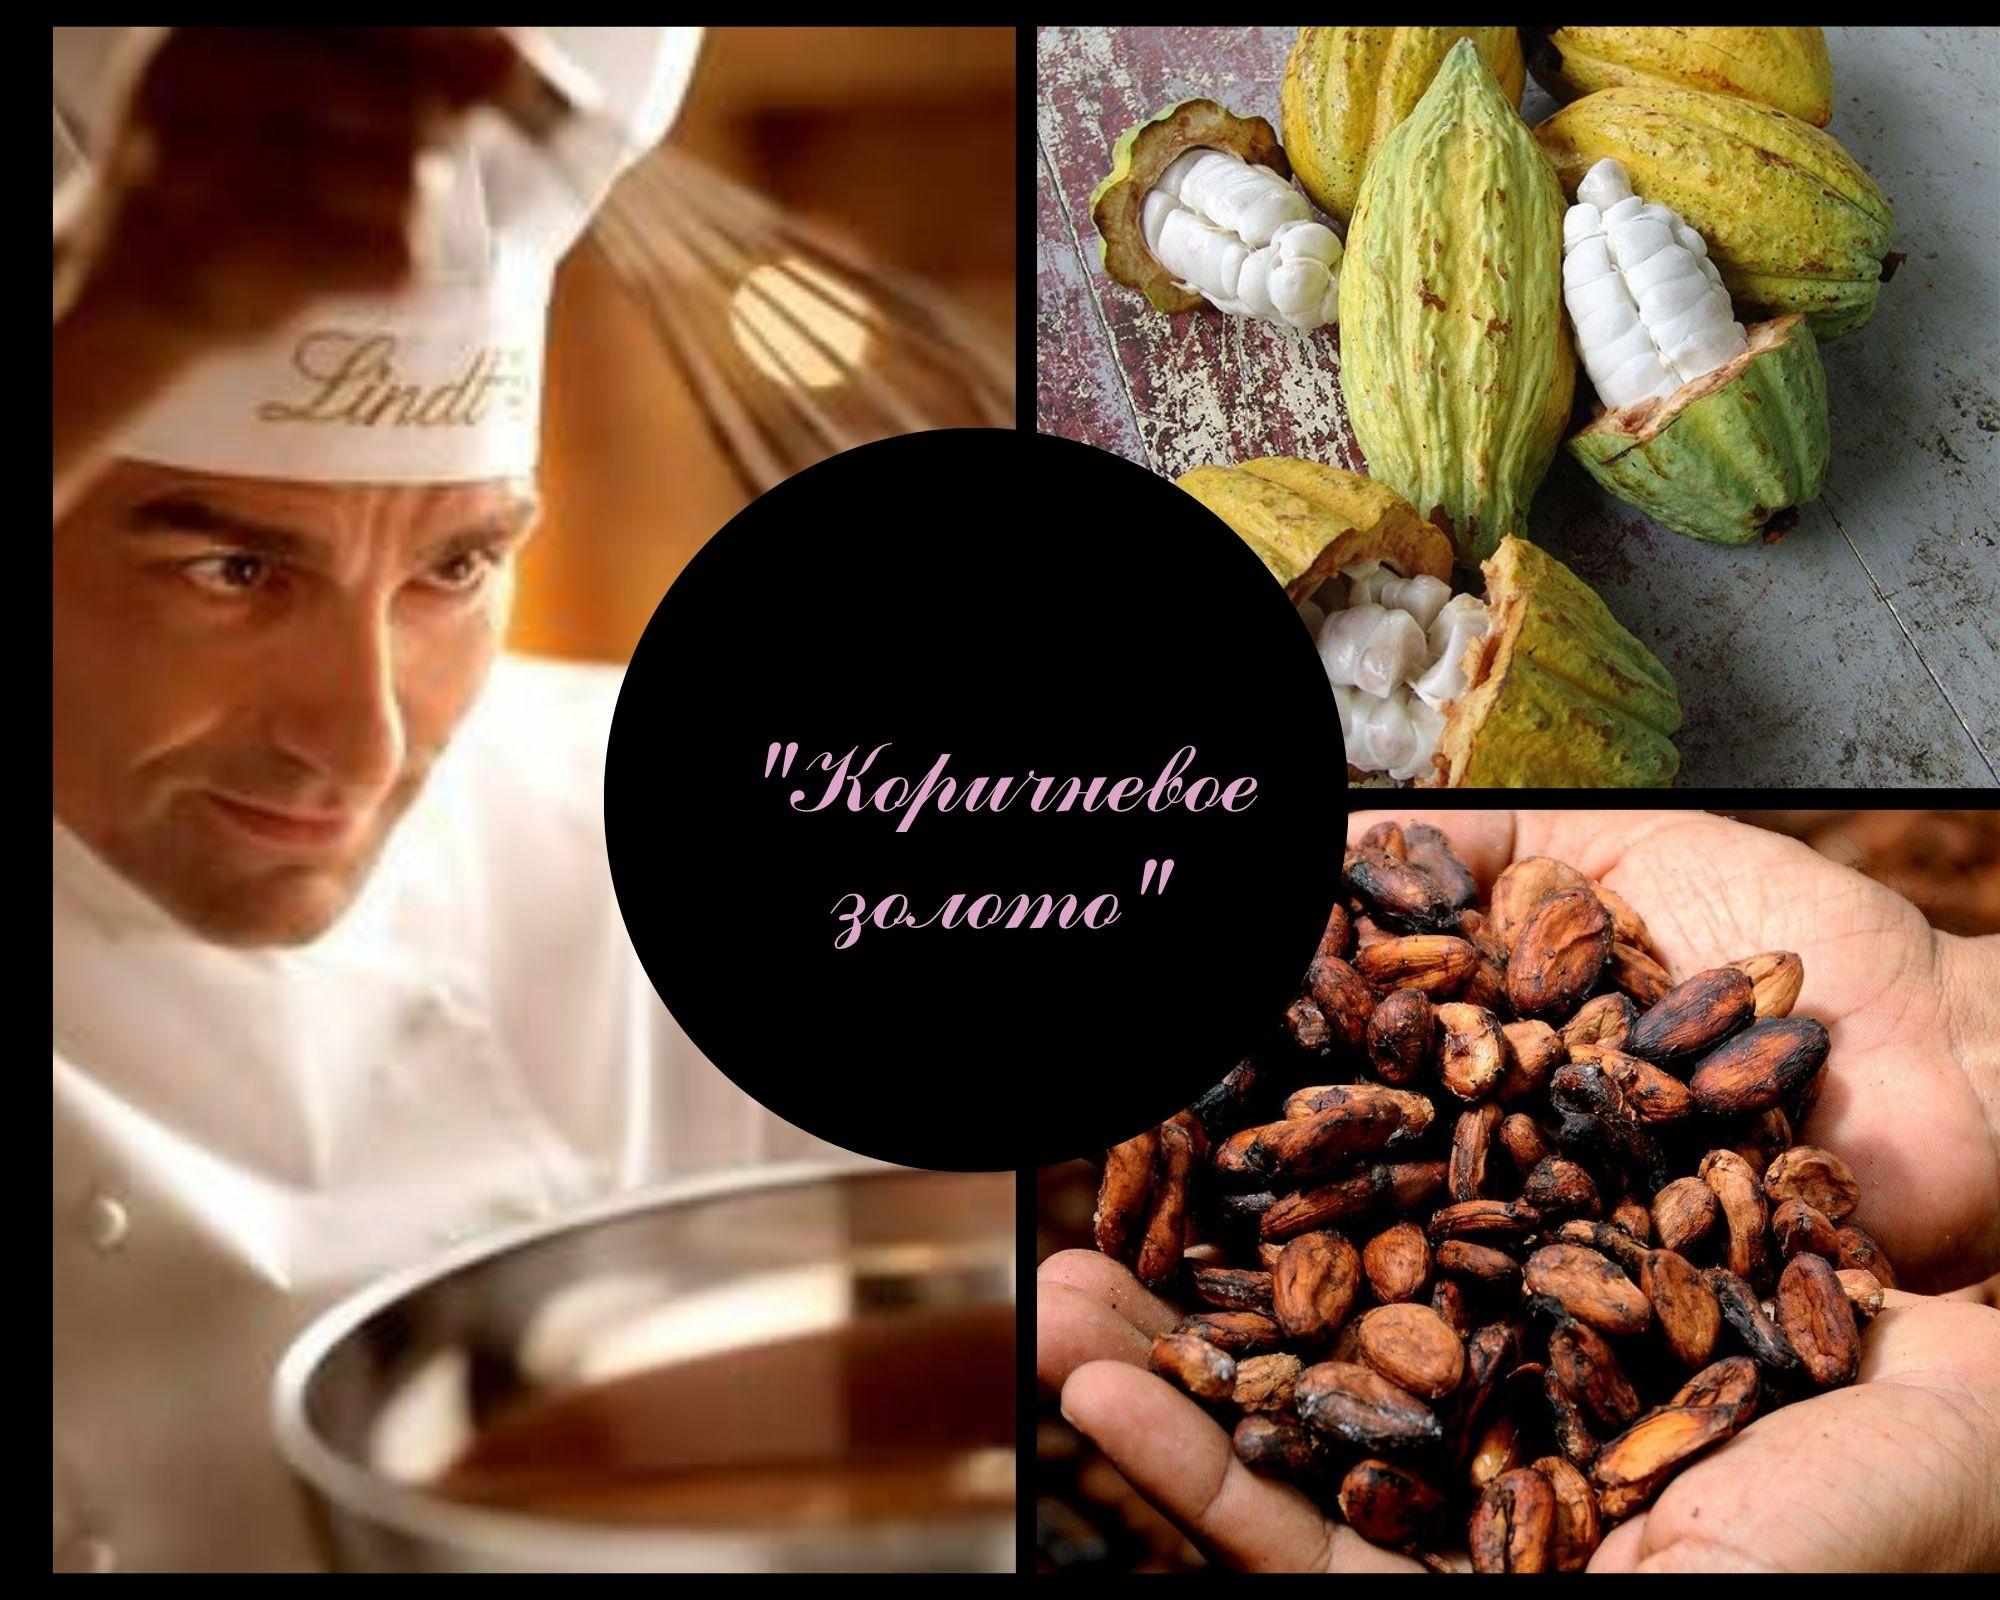 Фото Кондитер, зерна какао.